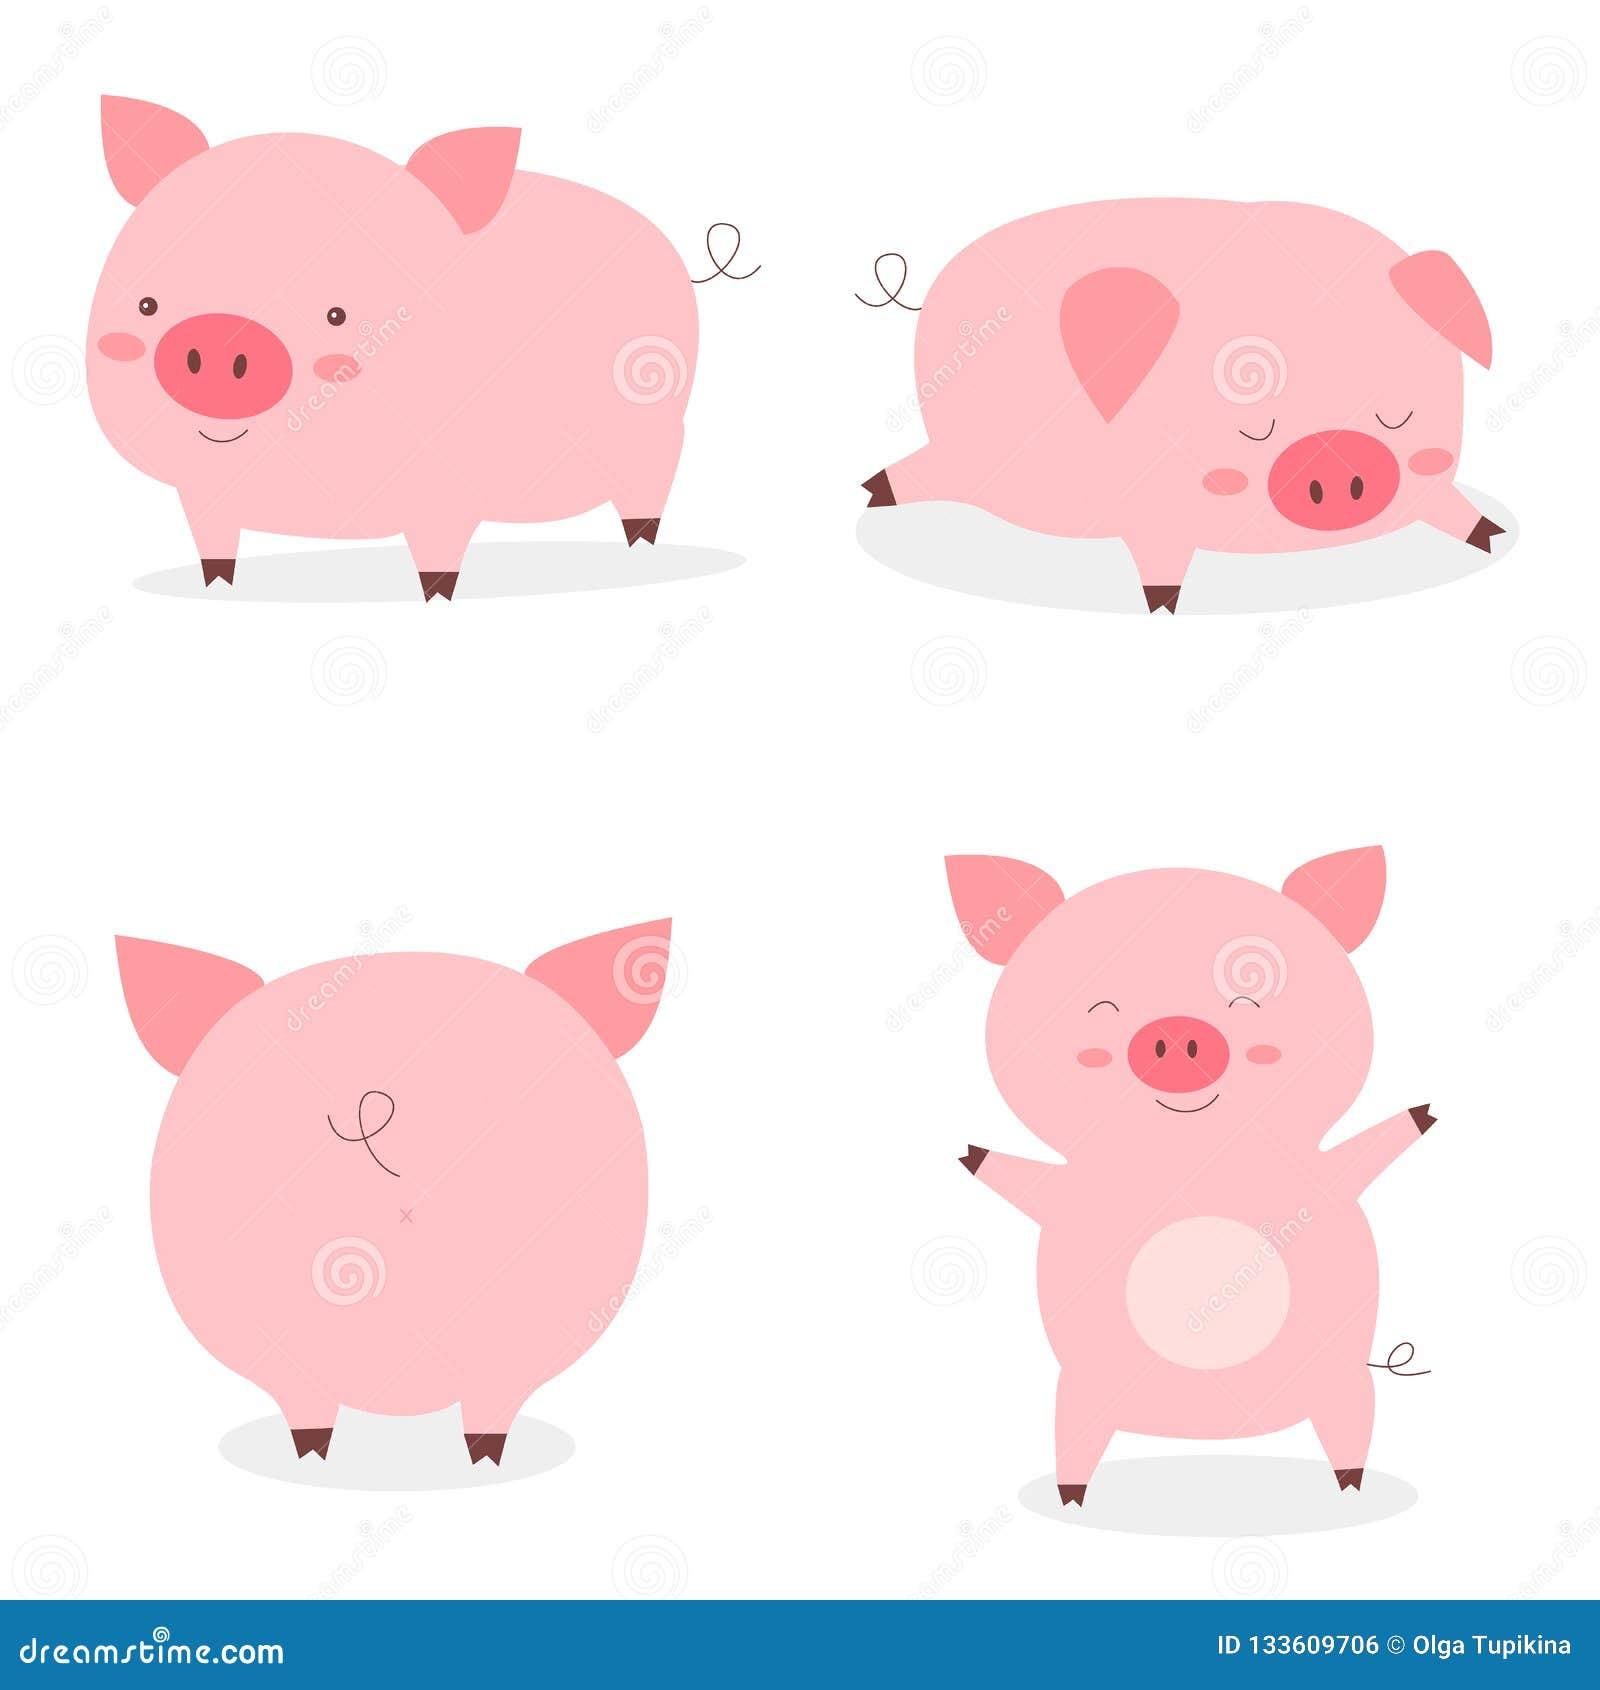 ad144efa4923a Fat Pigs Stock Illustrations – 470 Fat Pigs Stock Illustrations ...